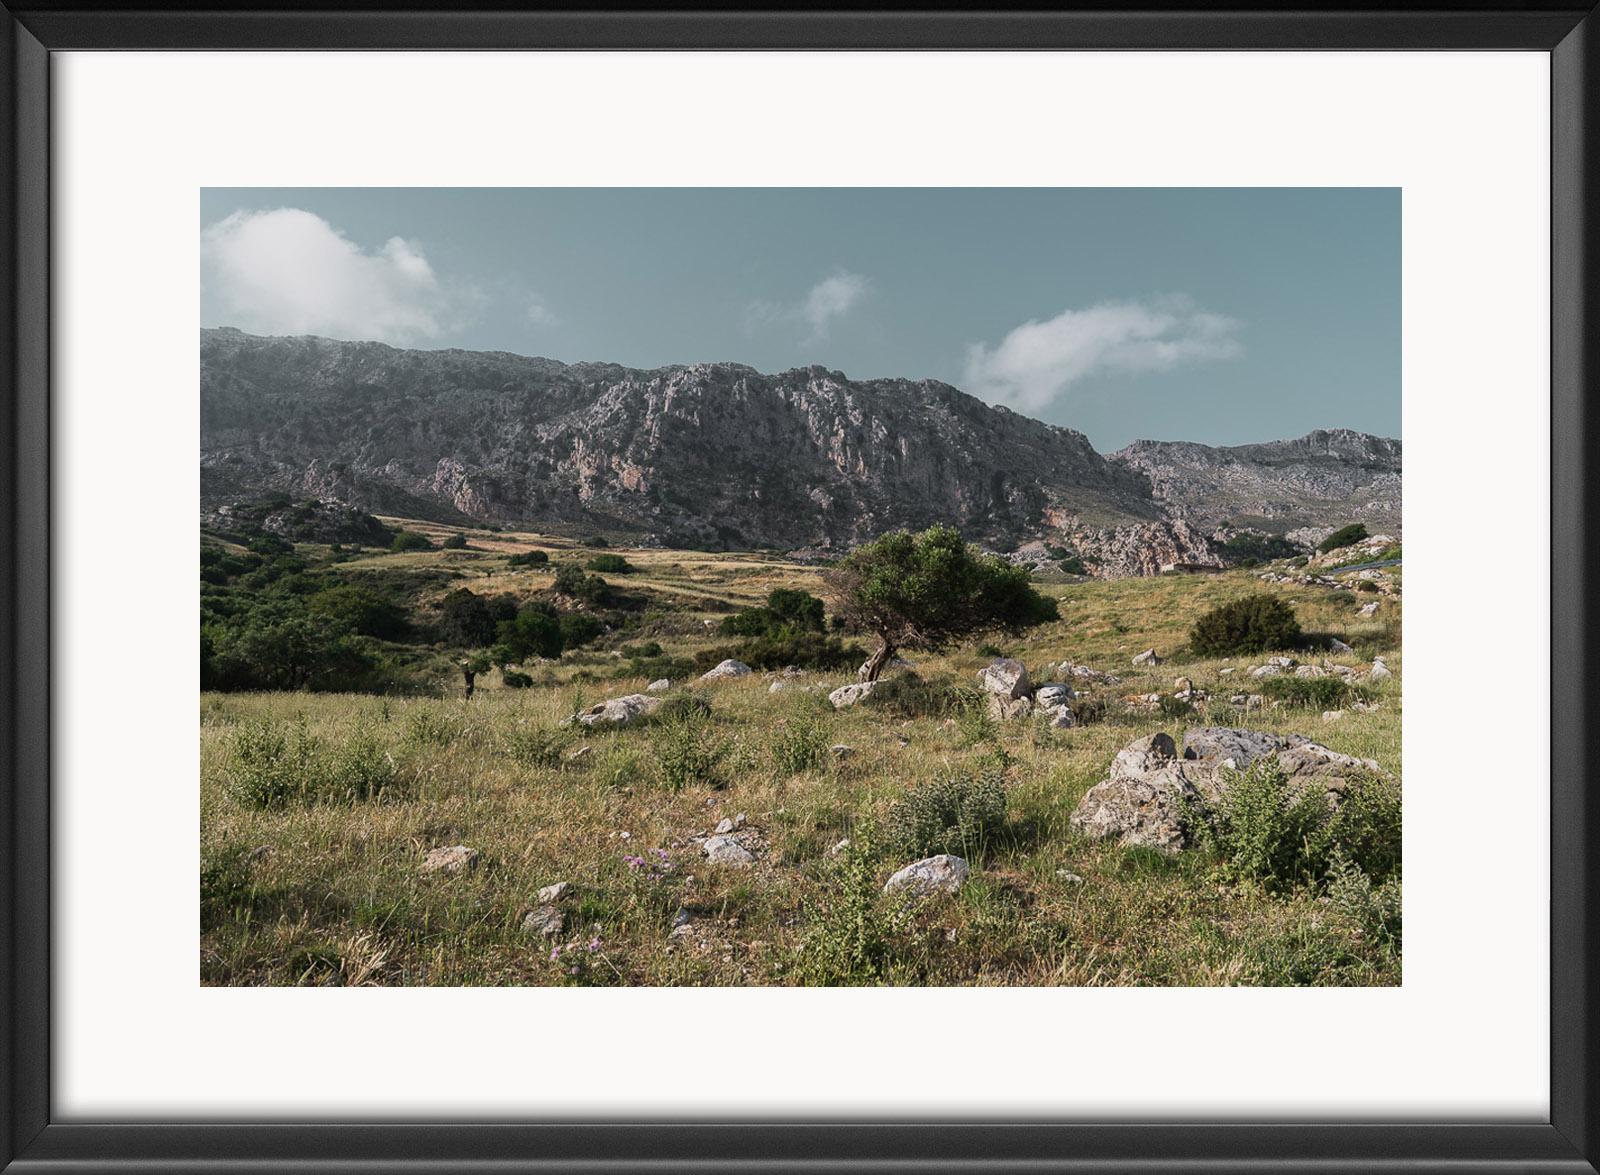 cretenature-natural-landscape-rodakino-frame.jpg